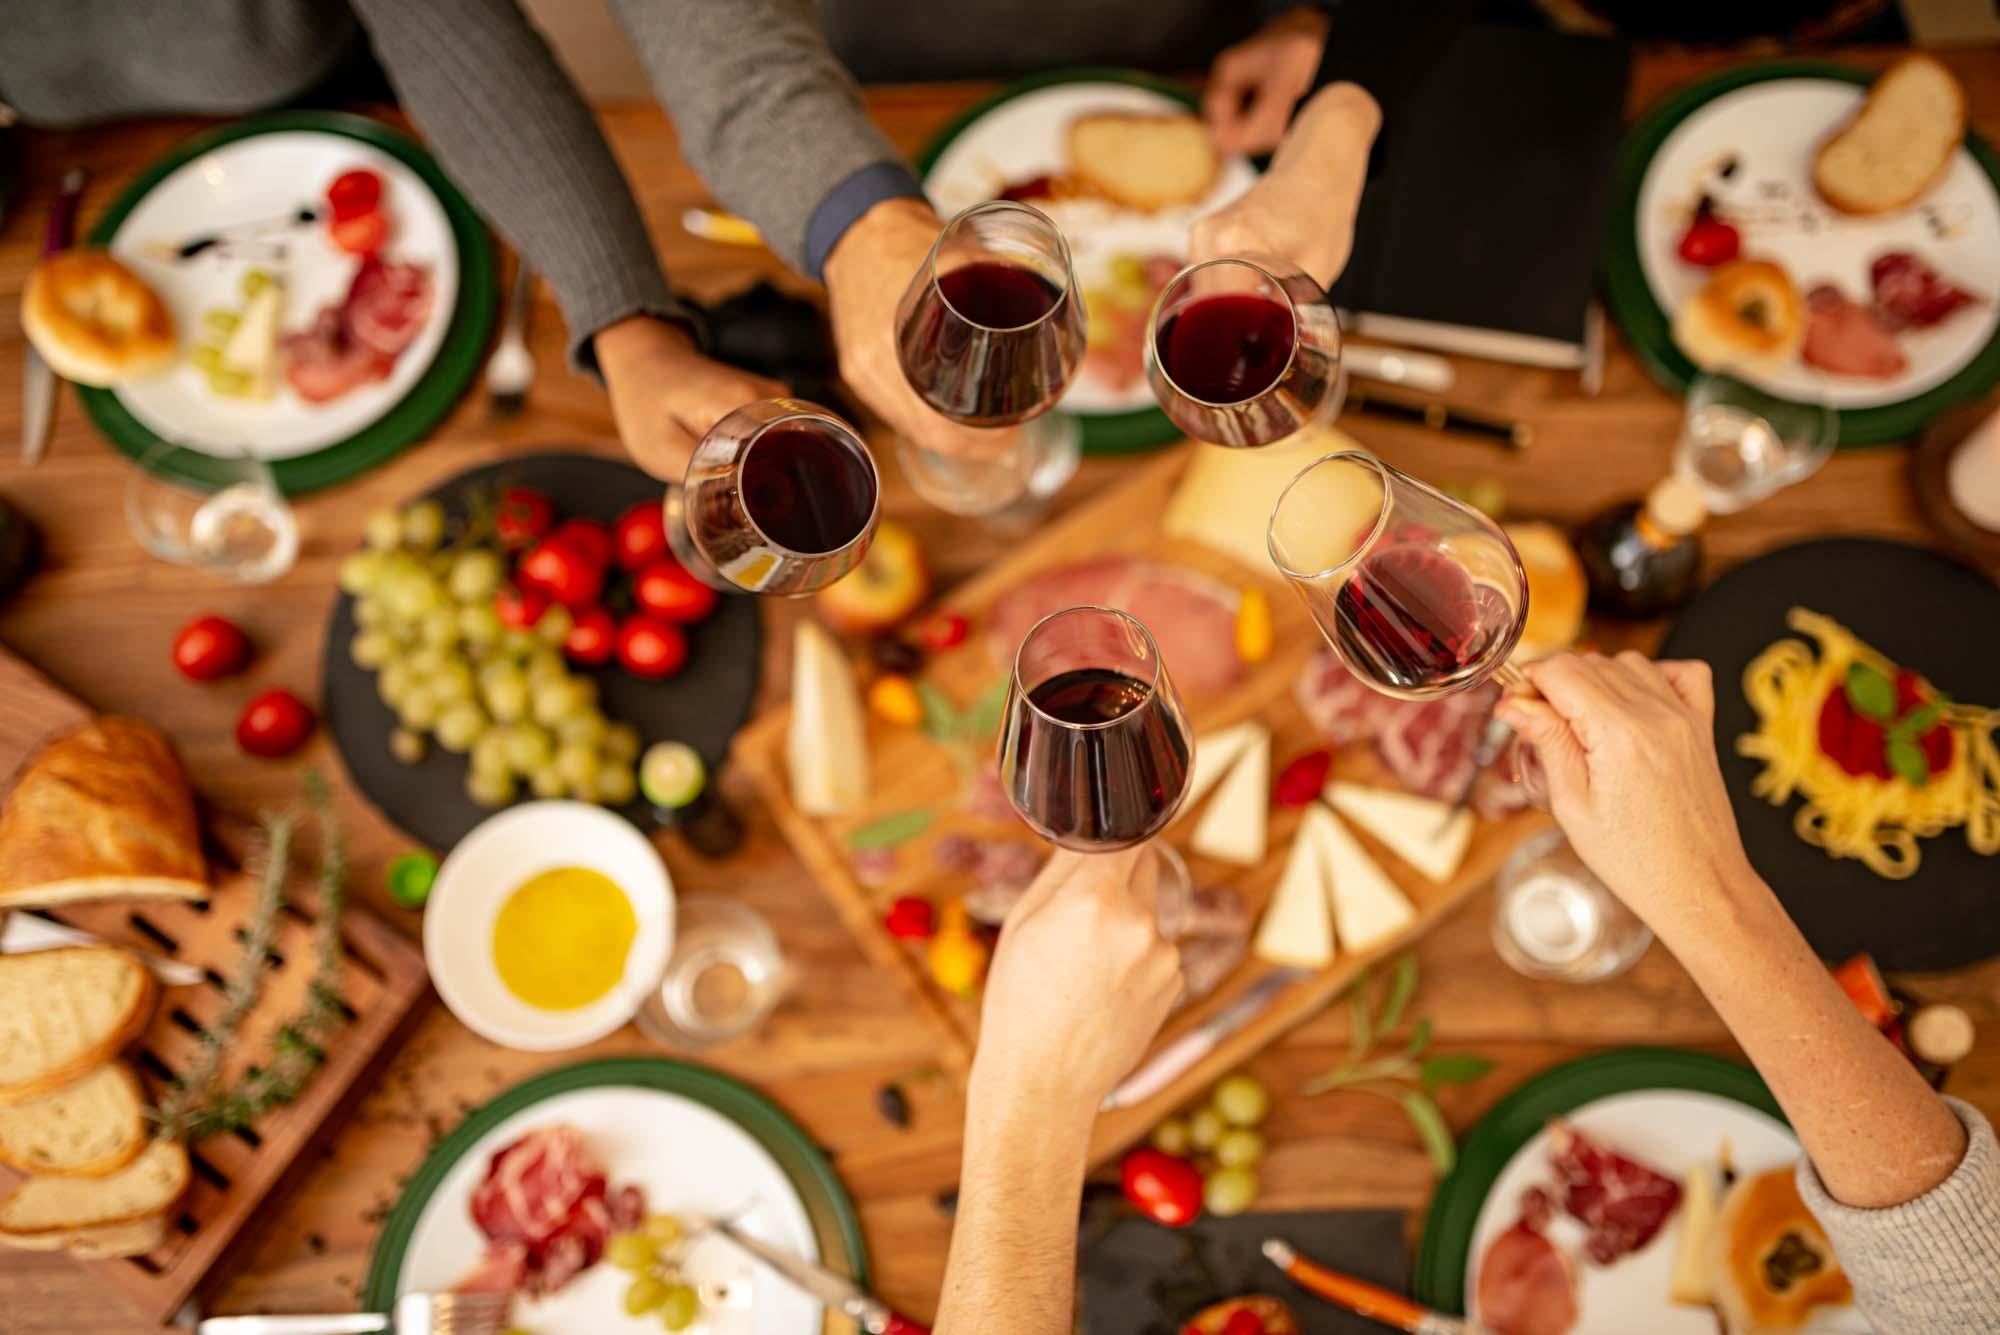 Cucina Amatoriale Formazione Manageriale a Livorno